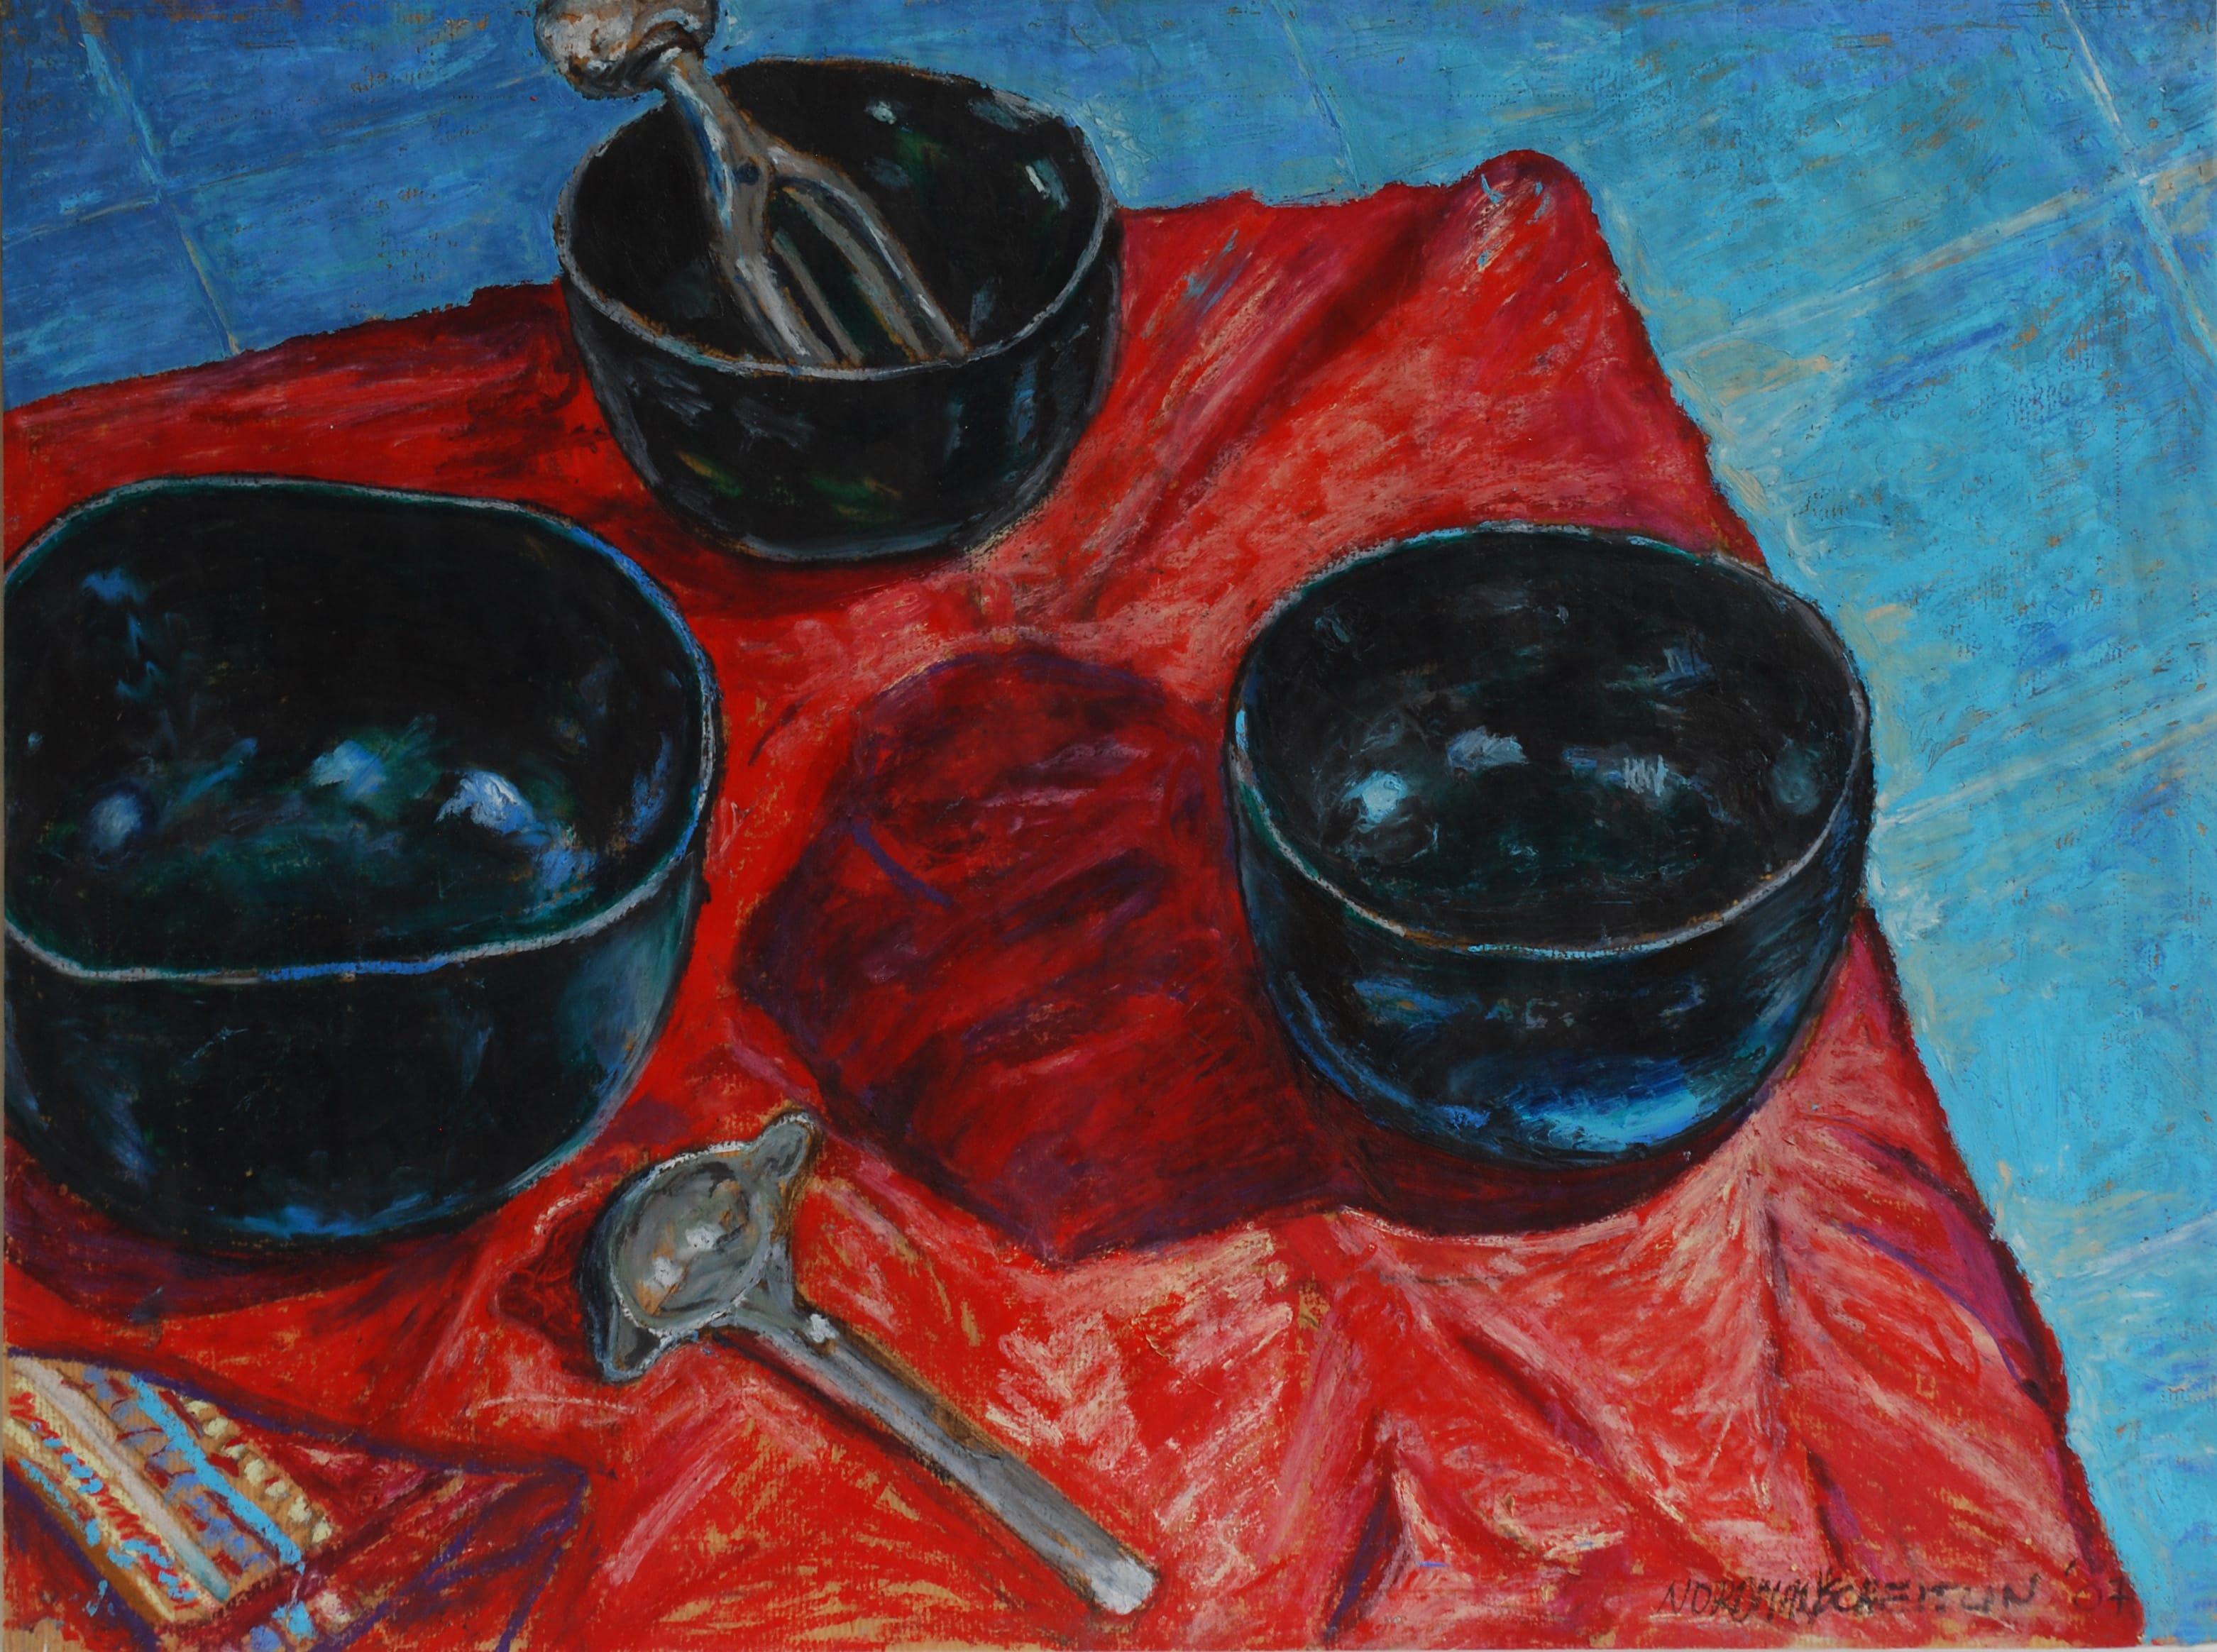 Three Bowls, 2007, 60x80 cm